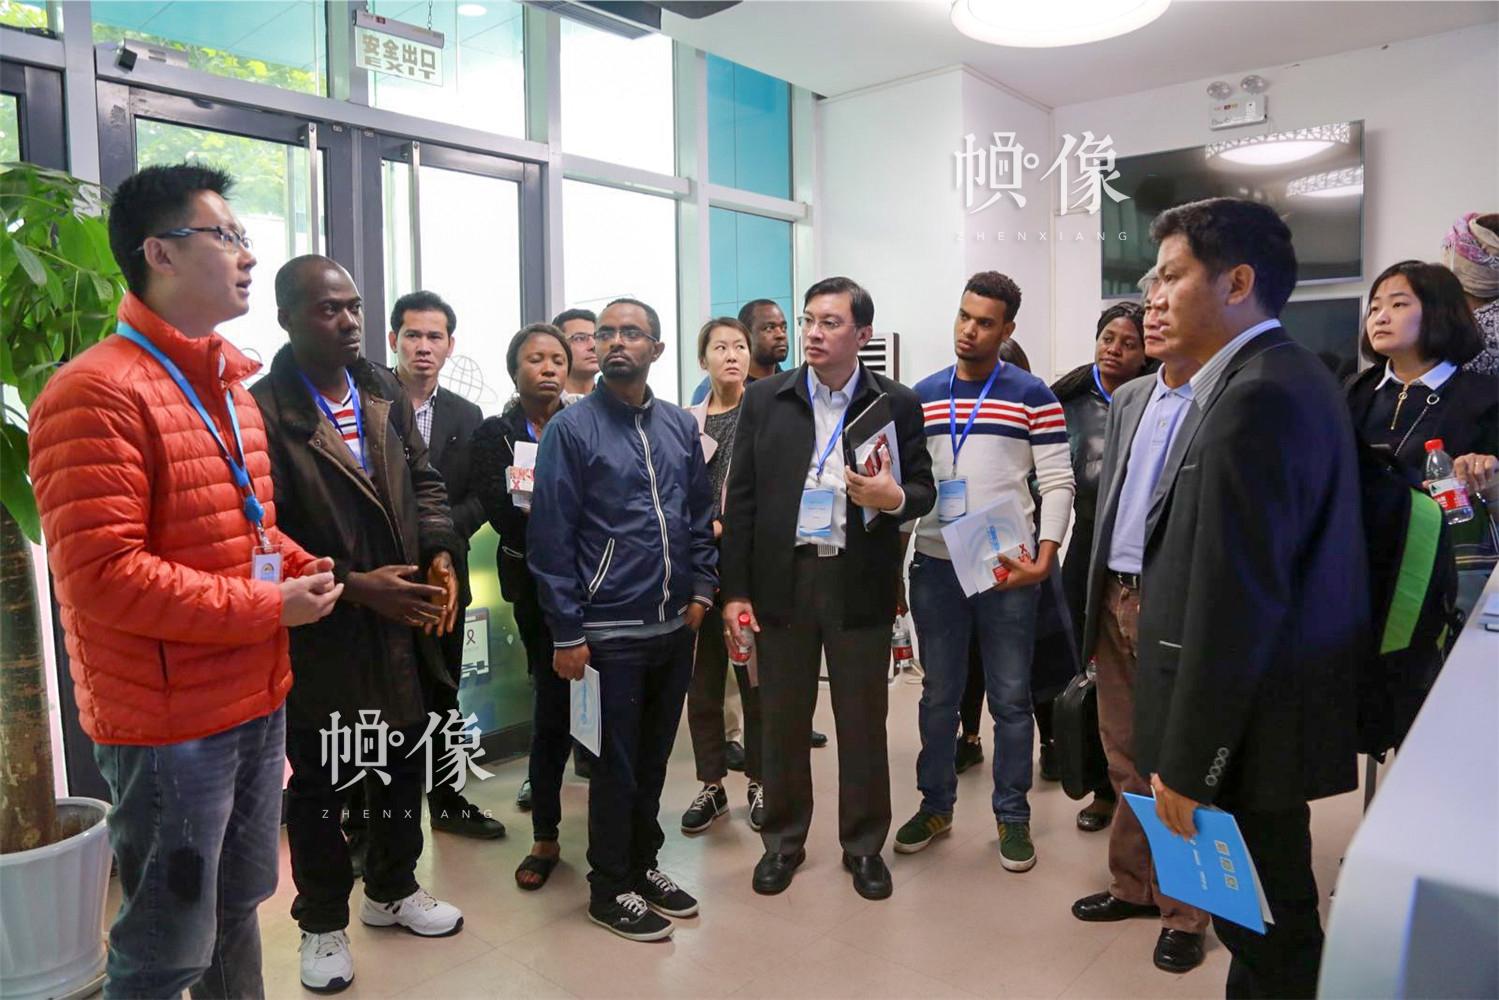 """2017年10月15日上午,由政府间""""南南合作""""项目支持,应国家卫生计生委邀请,来自非洲、东南亚国家的19名艾滋病防治机构领导和代表在中国疾控中心艾防中心合作室张大鹏主任的陪同下,参观访问了淡蓝公益检测室。代表团一行对移动智能技术与艾滋病防治结合表现出强烈兴趣,双方就快速检测、Blued预约平台、感染者转接、信息安全保护等问题进行了深入交流。淡蓝公益 供图"""